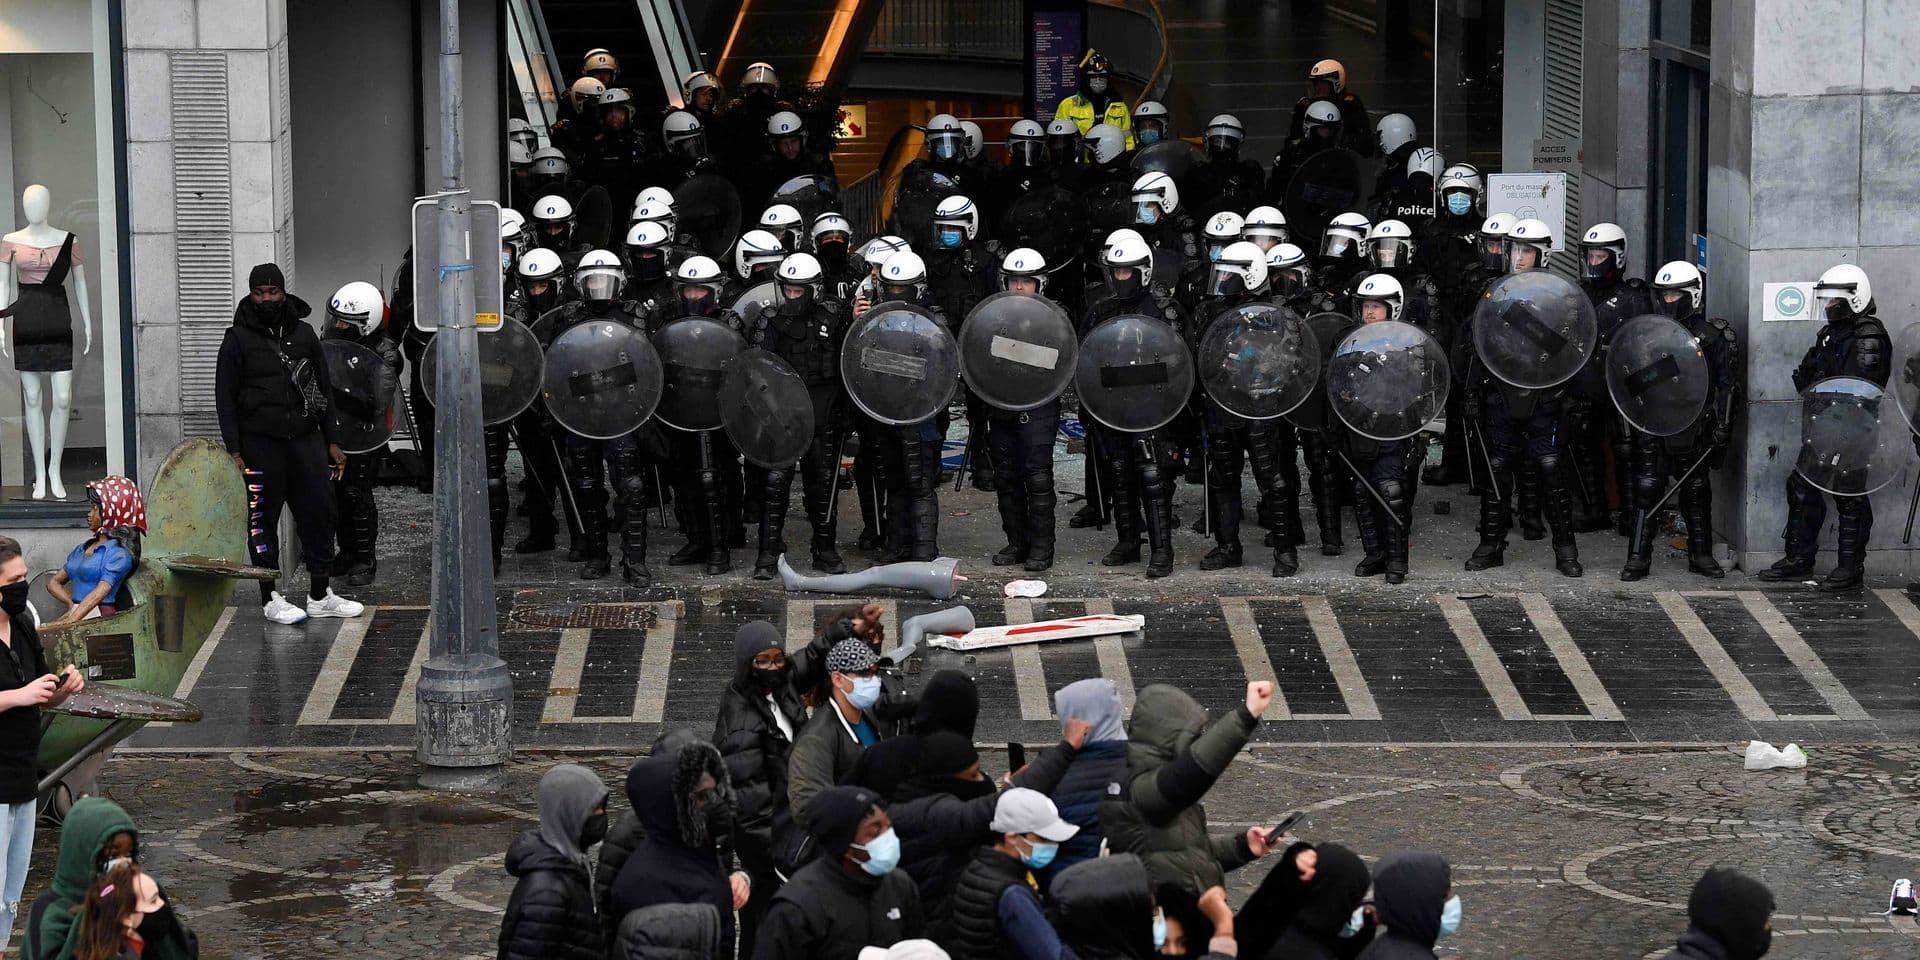 De nouvelles émeutes à Liège ce week-end? Des messages circulent sur les réseaux sociaux